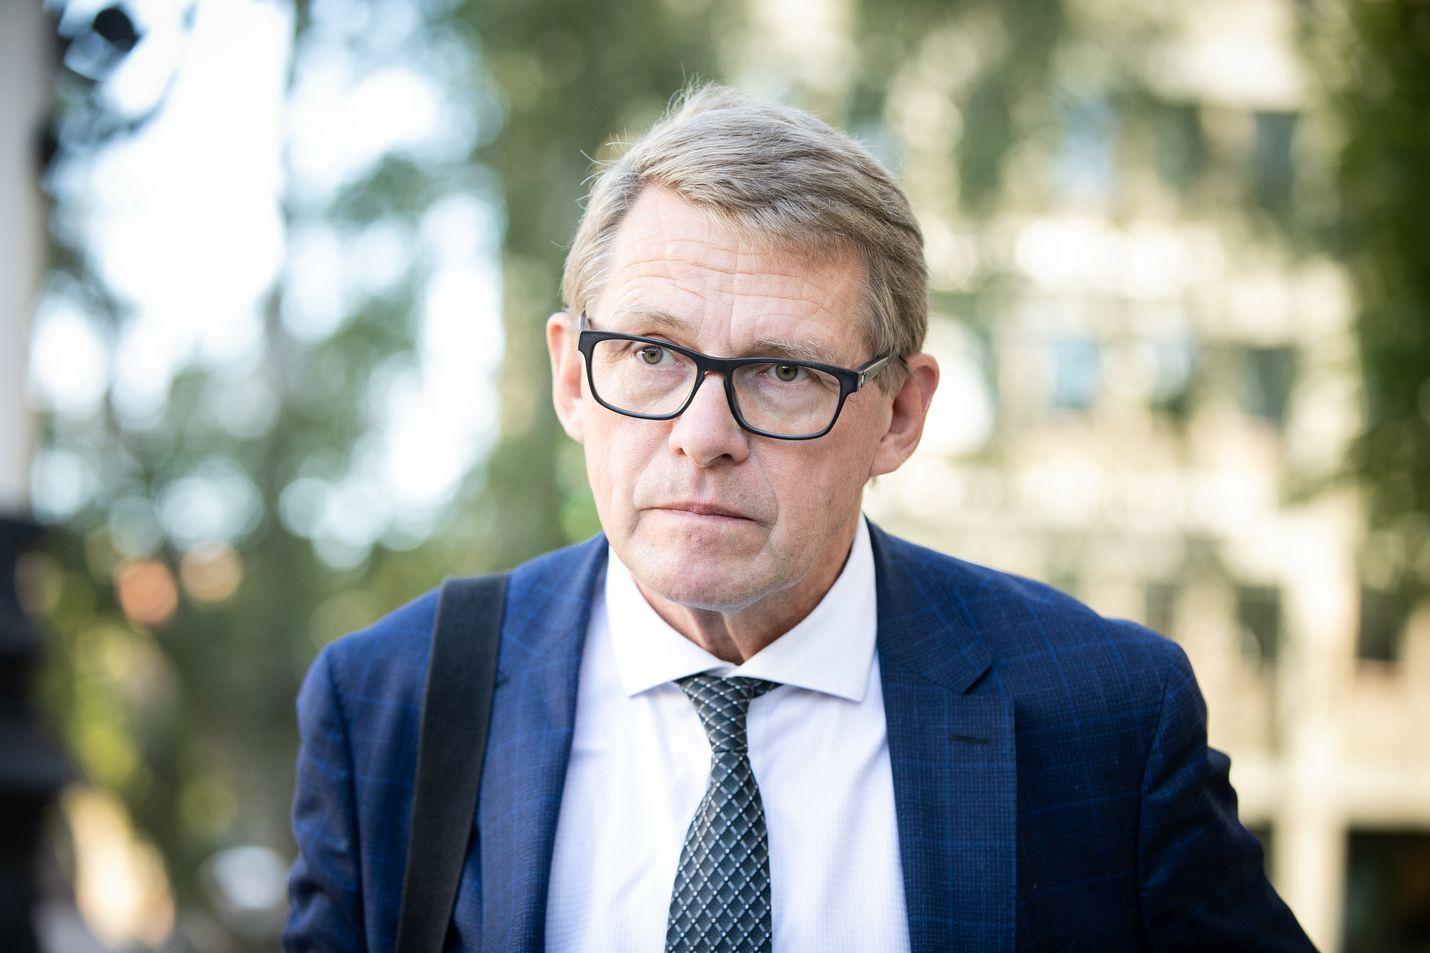 Valtiovarainministeri Matti Vanhanen painottaa, että budjettineuvotteluissa pitää nyt palata menotasolle, josta on sovittu hallitusneuvotteluissa